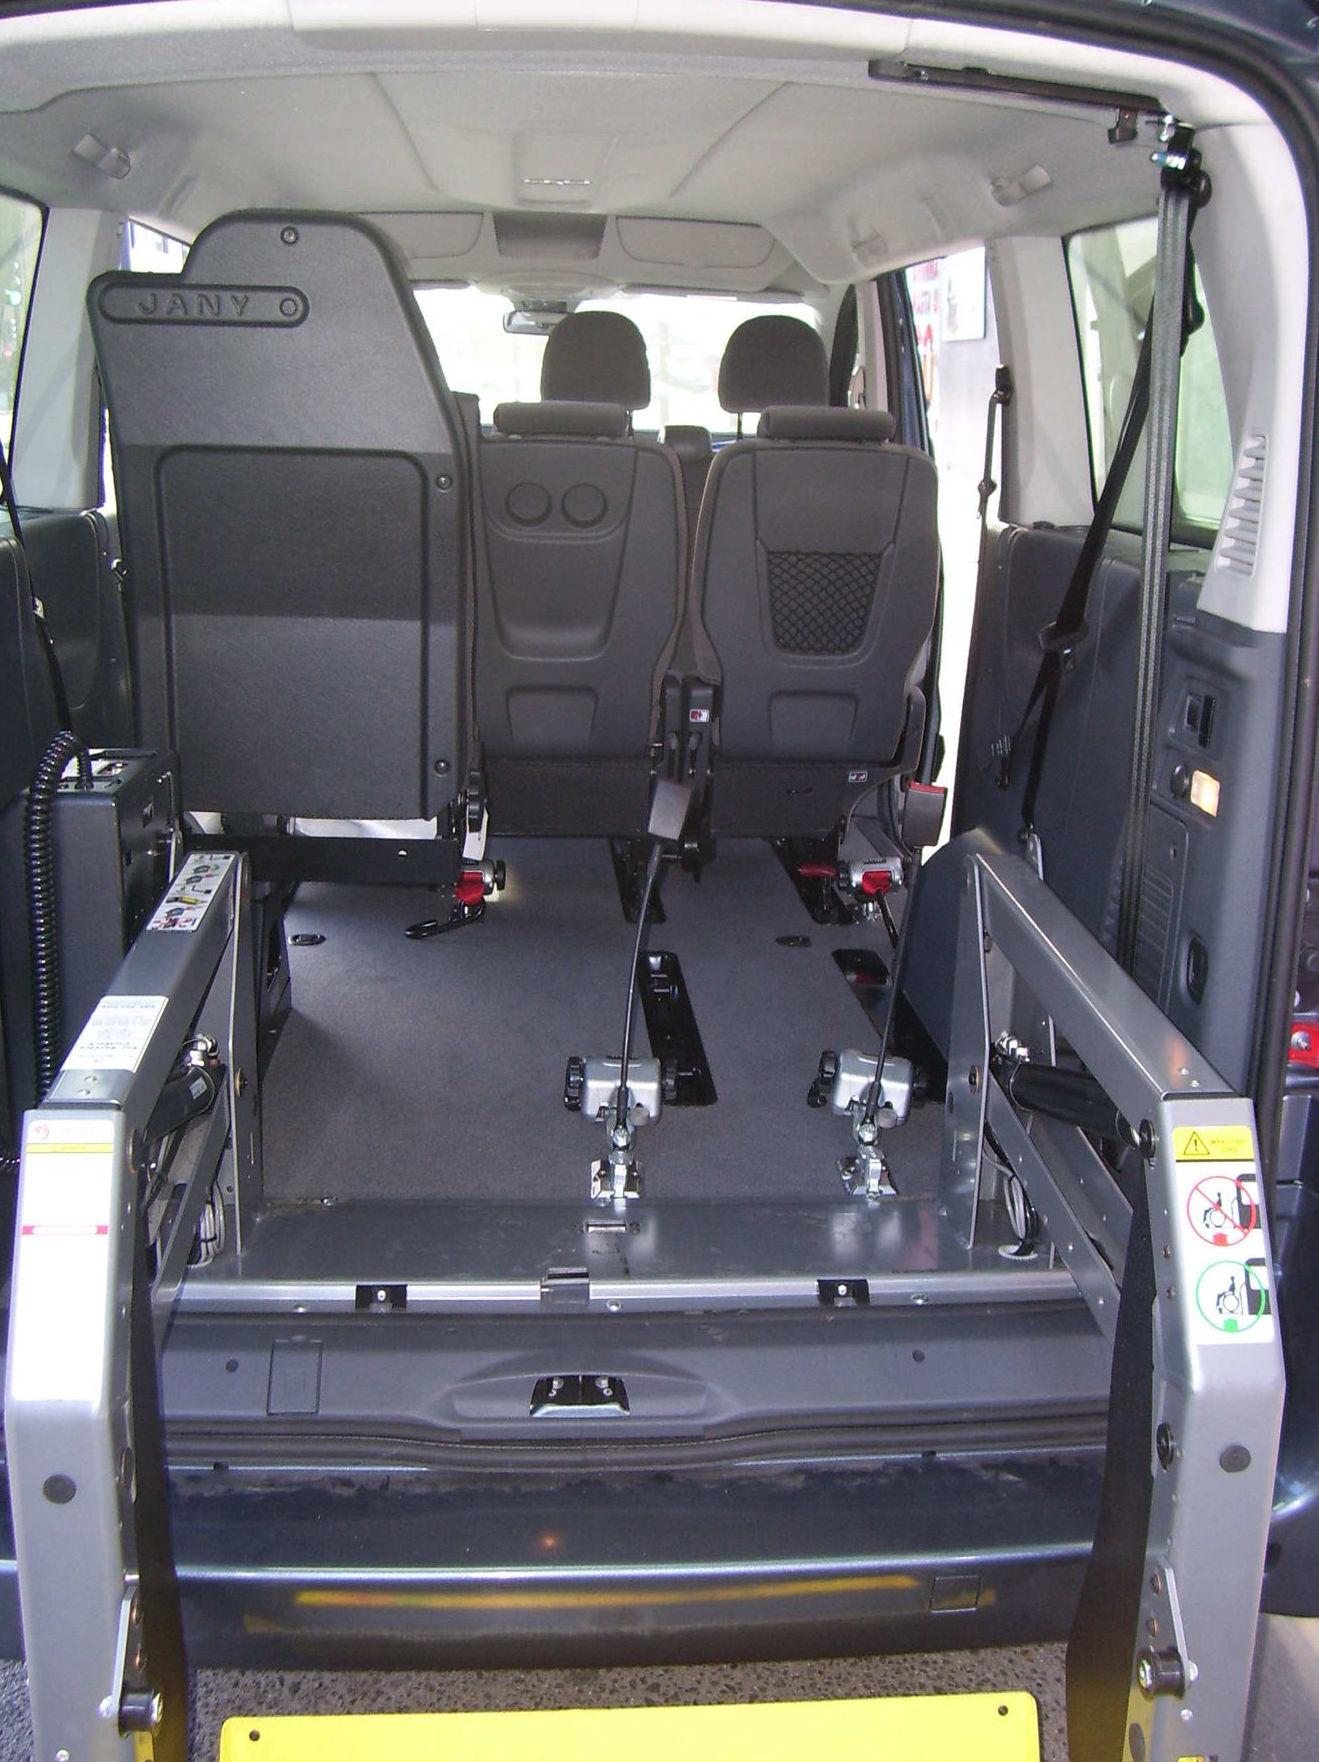 Soluciones para el transporte. Plataforma elevadora, anclajes y cinturones para silla de ruedas